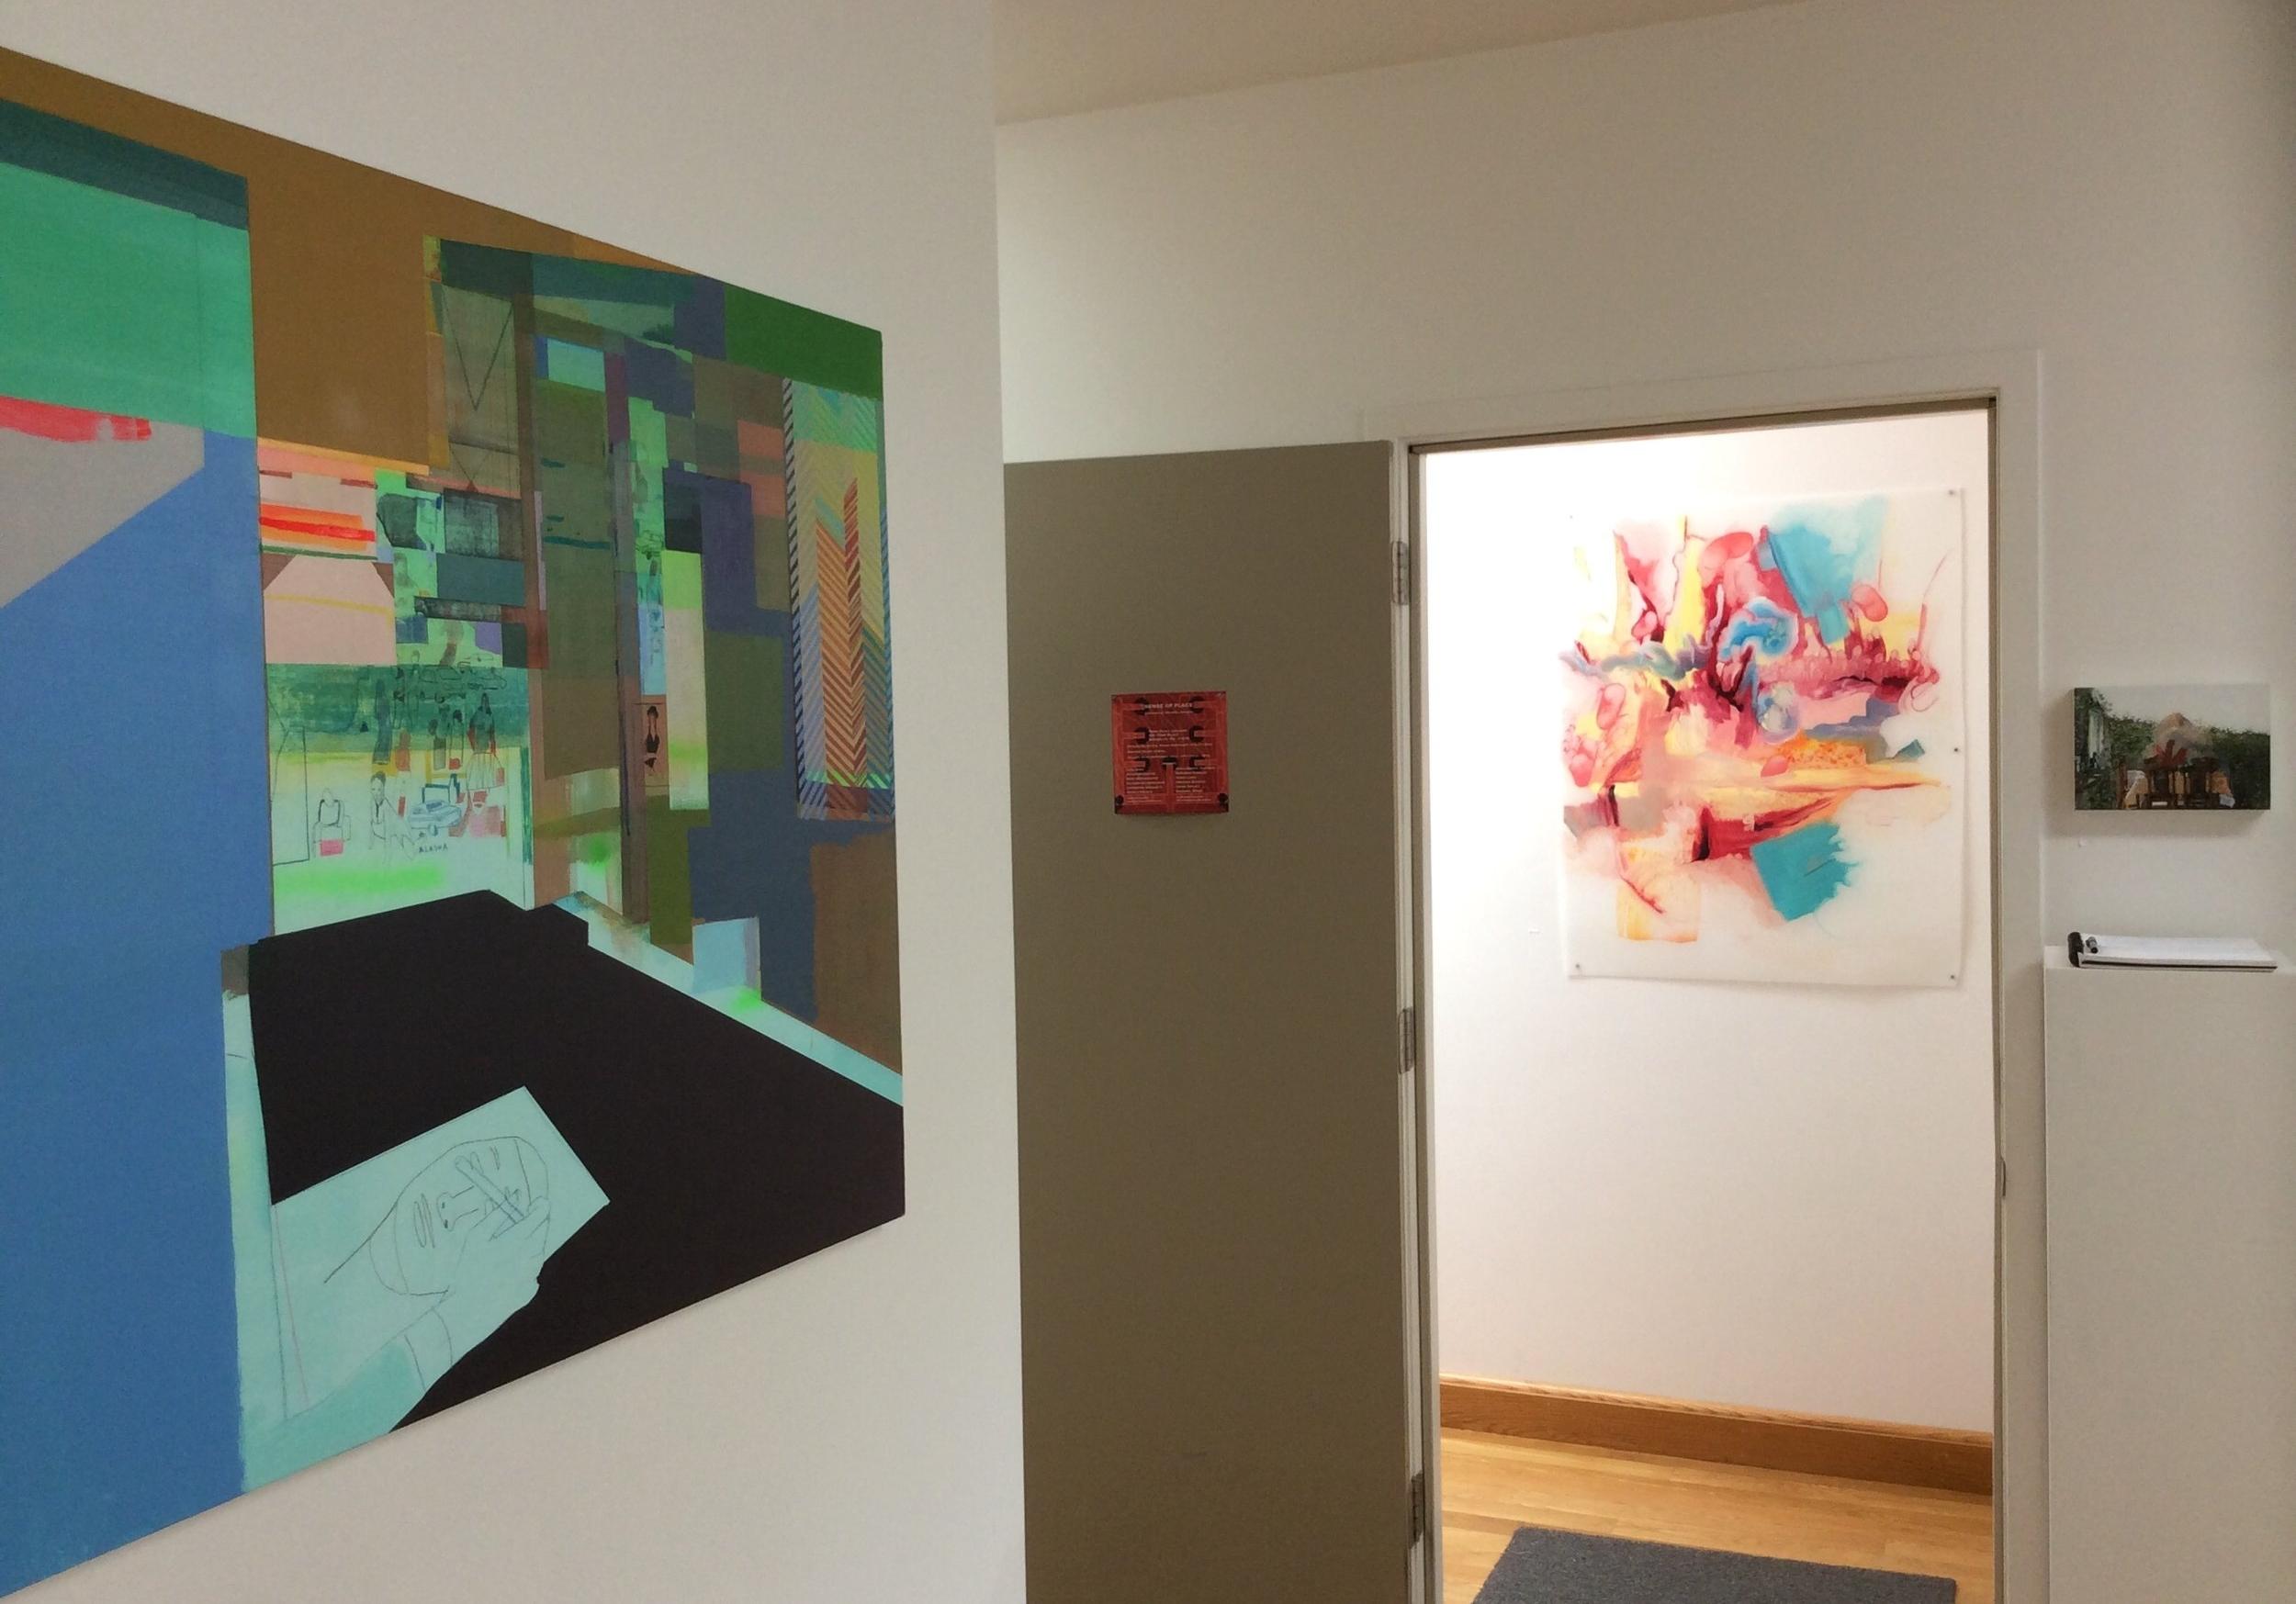 Kristen Schiele: Dreamboards, April Zanne Johnson: Entheos (Blue), Emma Tapley: Window, Ireland